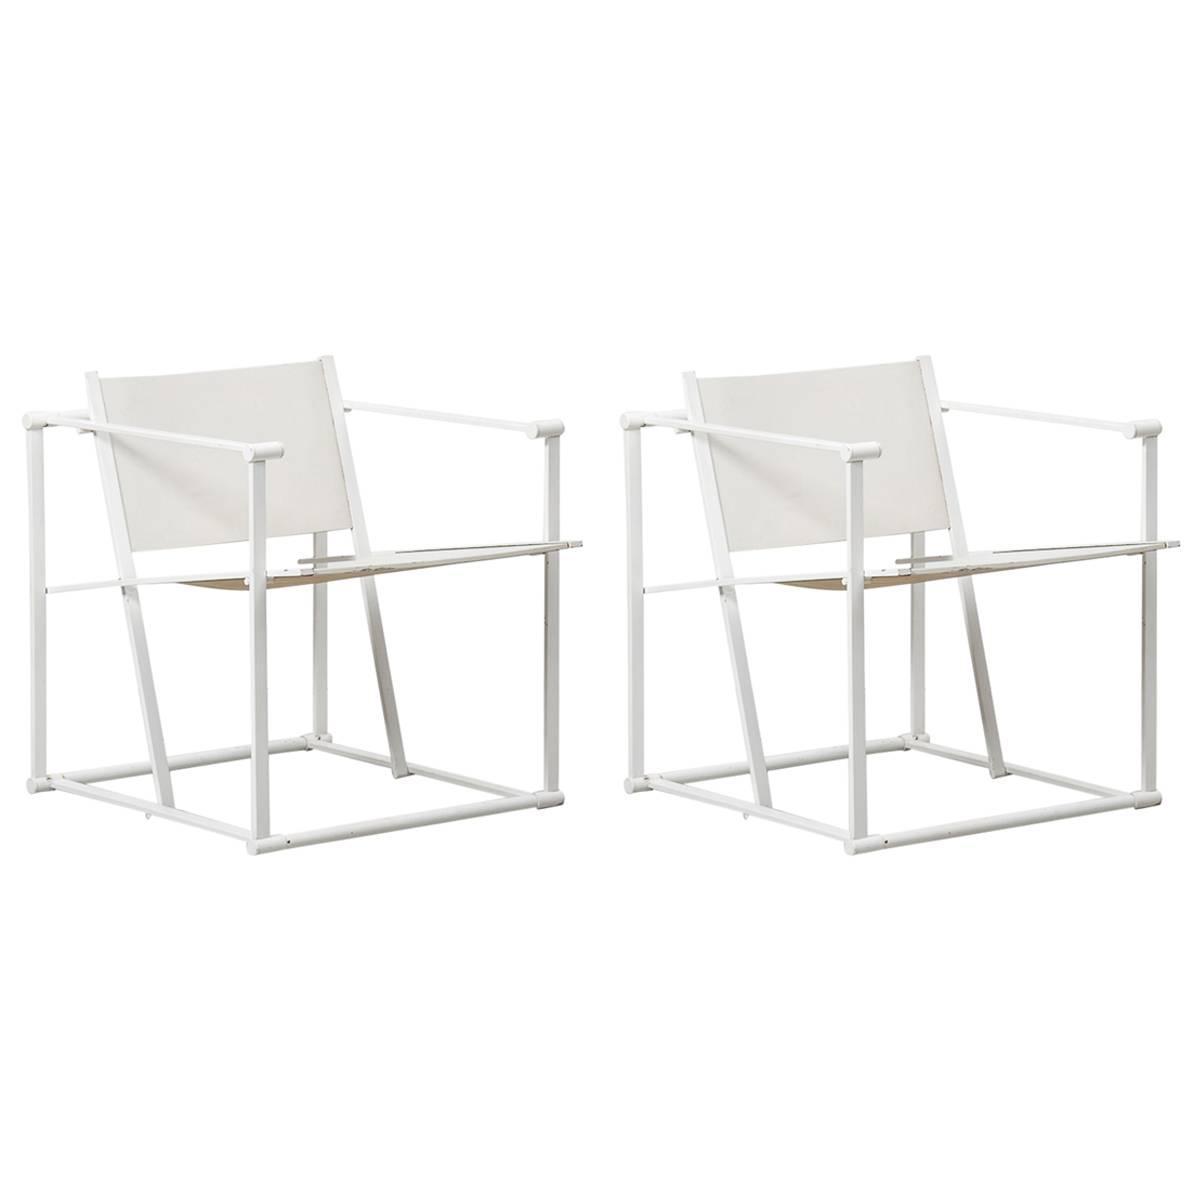 Radboud Van Beekum White Fm61 Cube Chairs For Pastoe